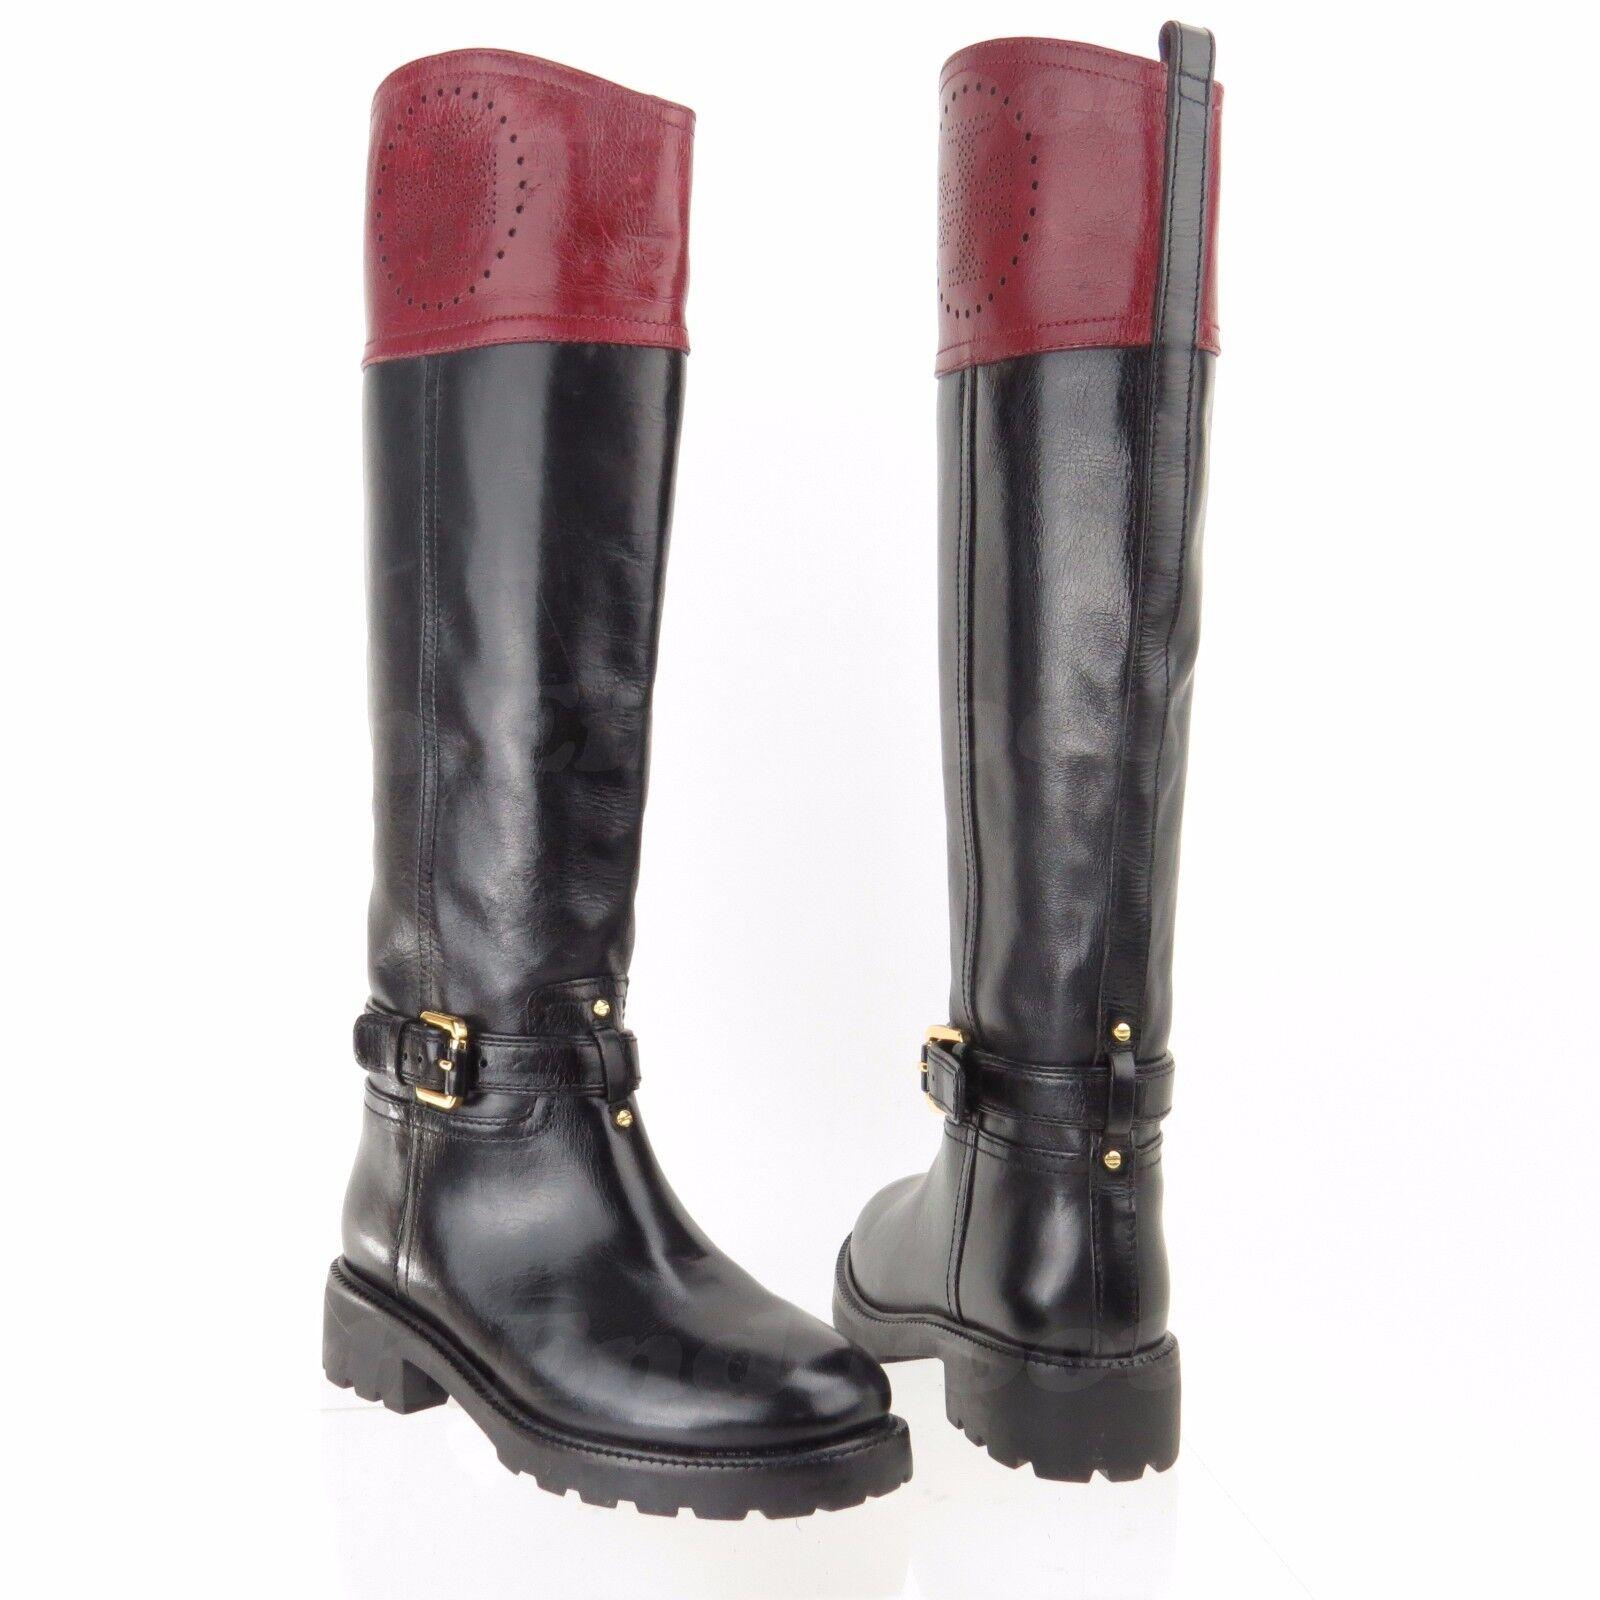 migliore offerta Tory Burch Daniela Donna  scarpe nero nero nero Maroon Leather stivali Dimensione 5 M  525  migliori prezzi e stili più freschi